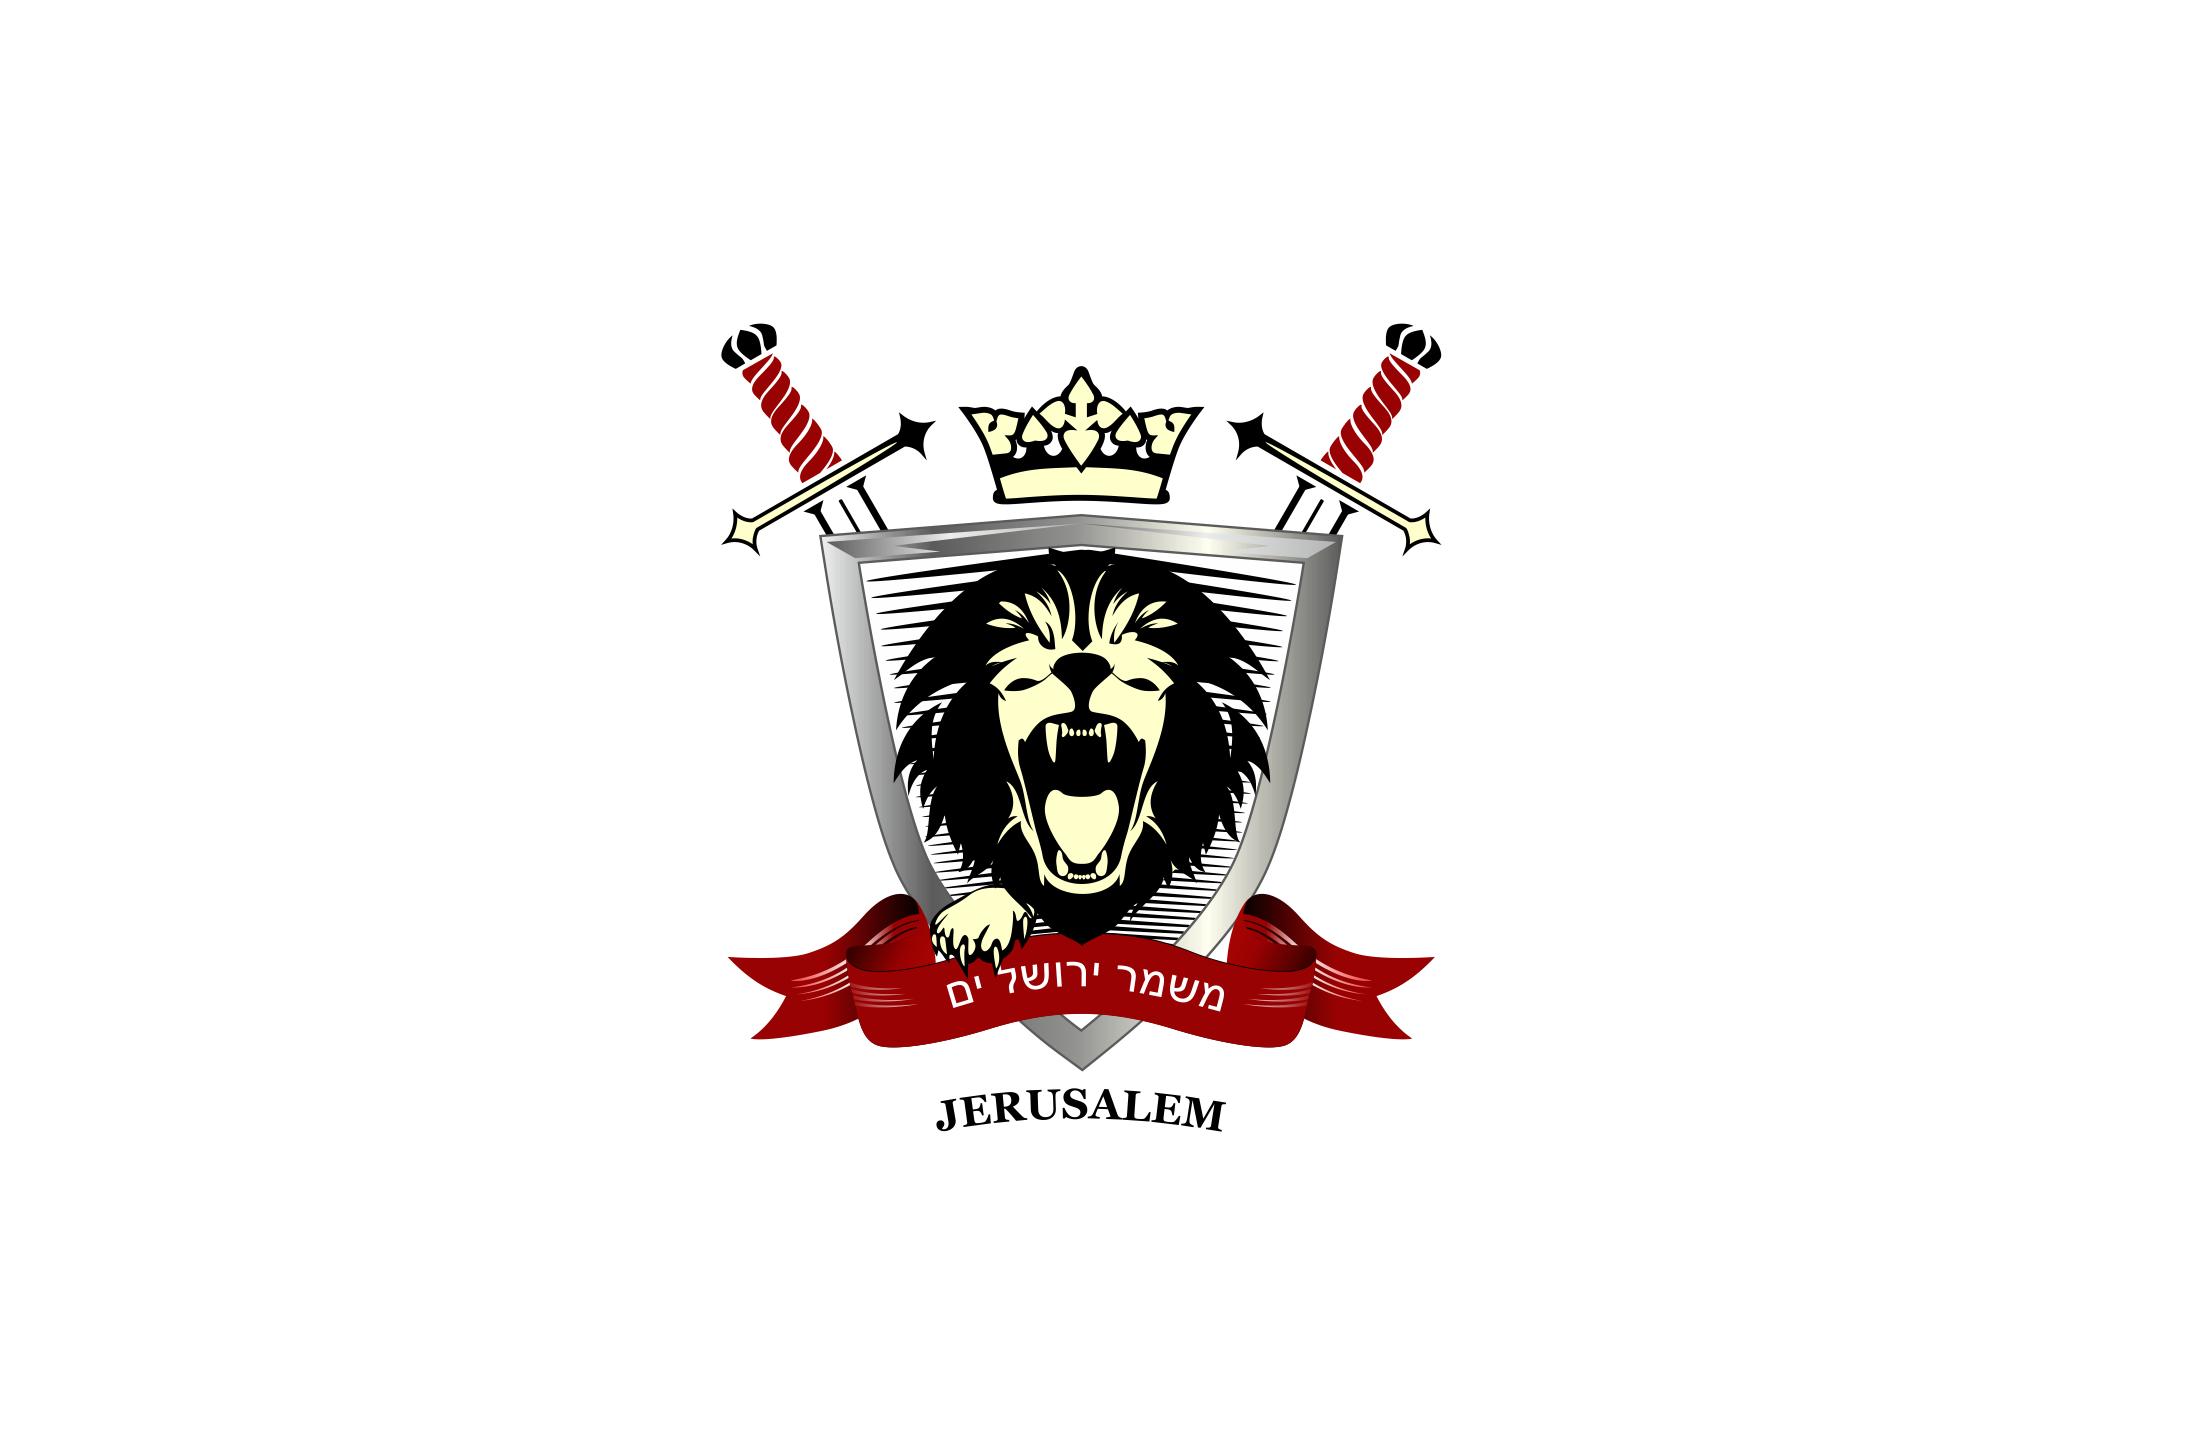 Разработка логотипа. Компания Страж Иерусалима фото f_96751f655edd0b4e.png